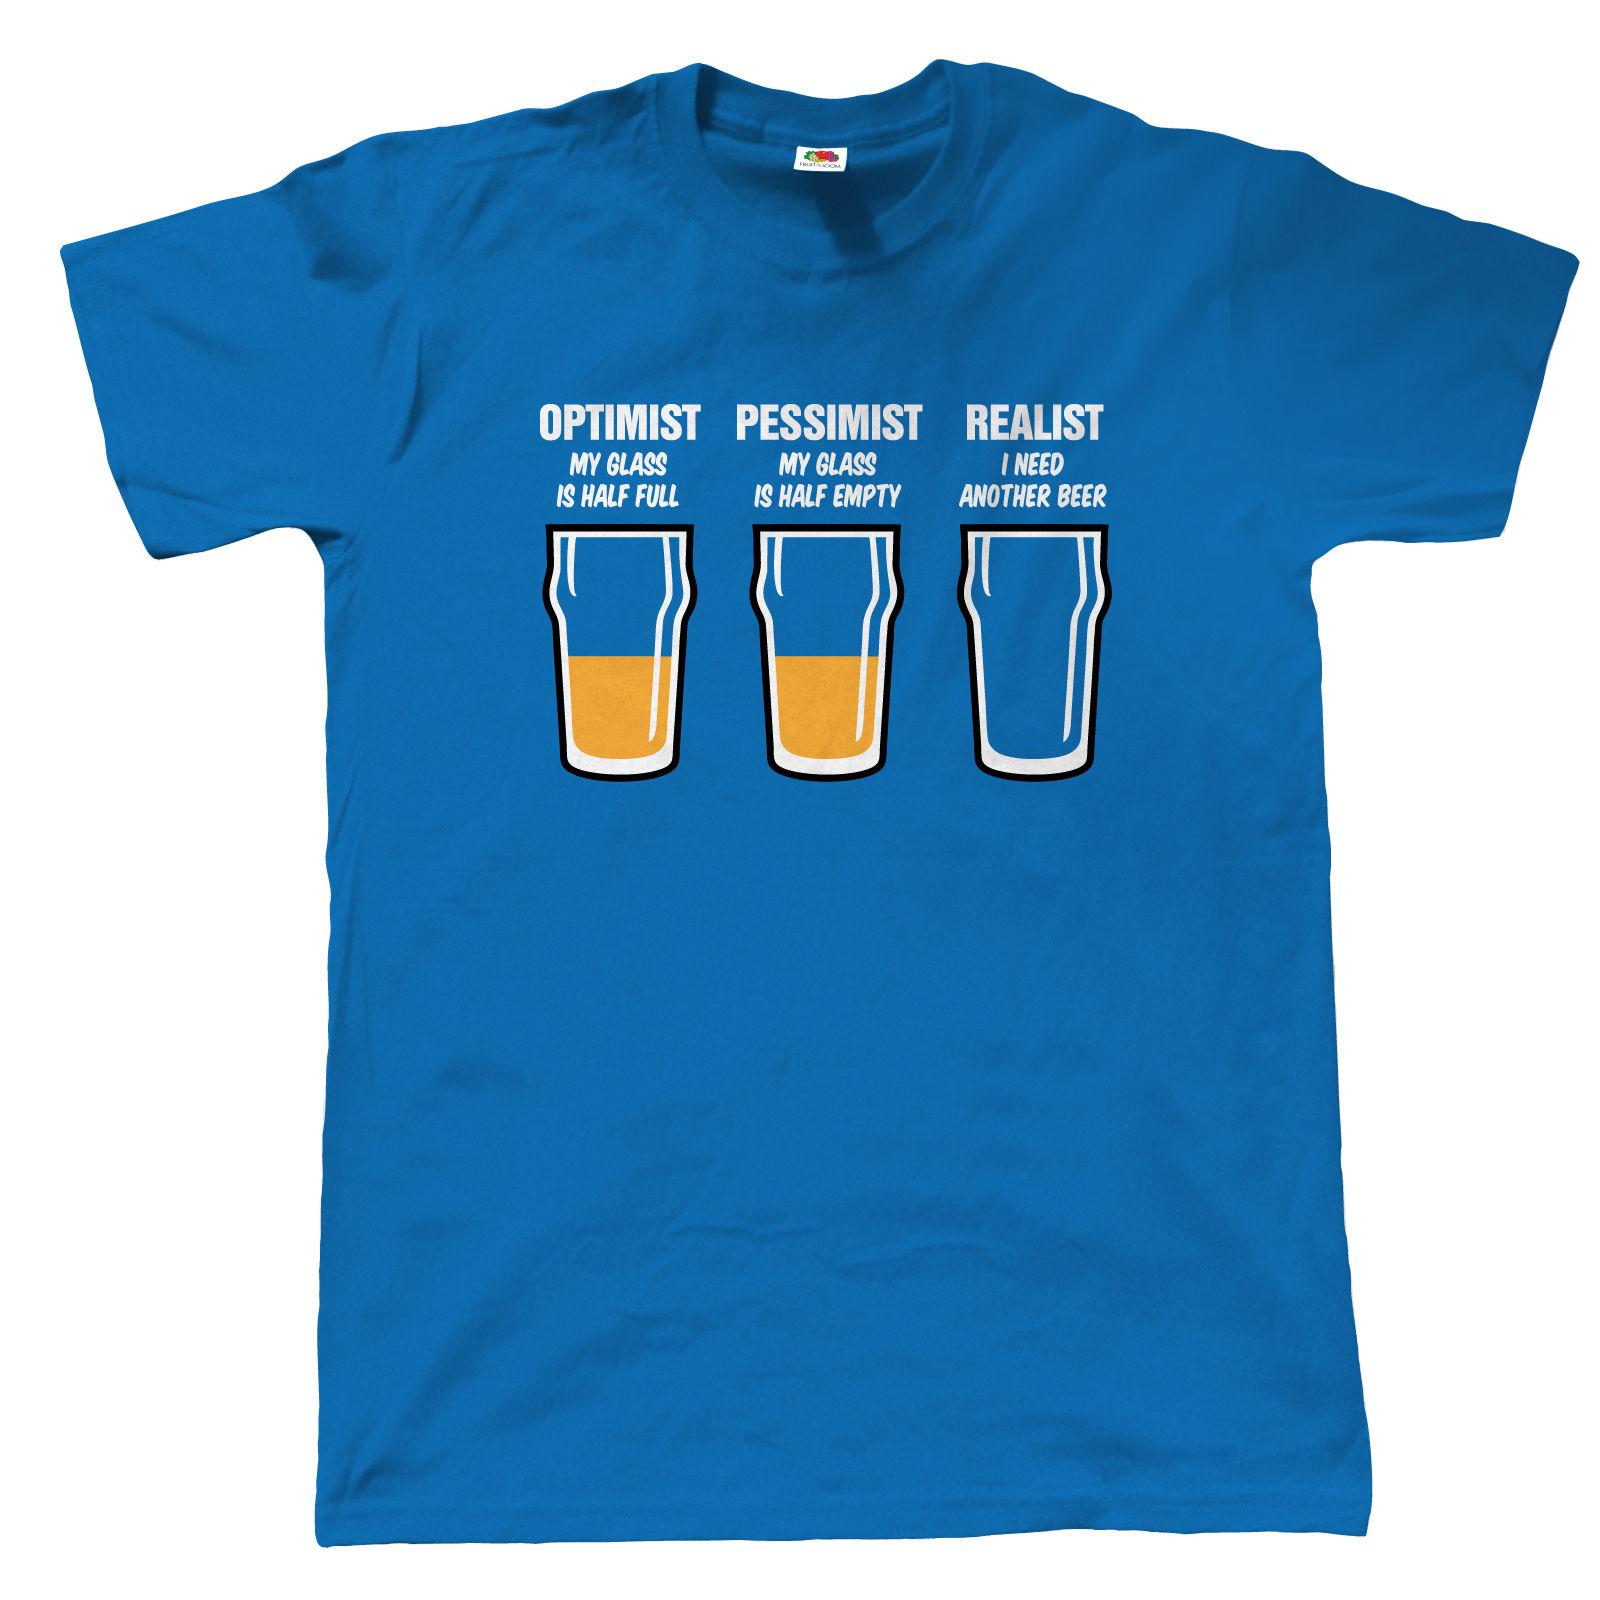 Camisa de vidro de cerveja realista dos homens engraçado t-presente para o dia dos pais real ale camra moda masculina e mulher frete grátis